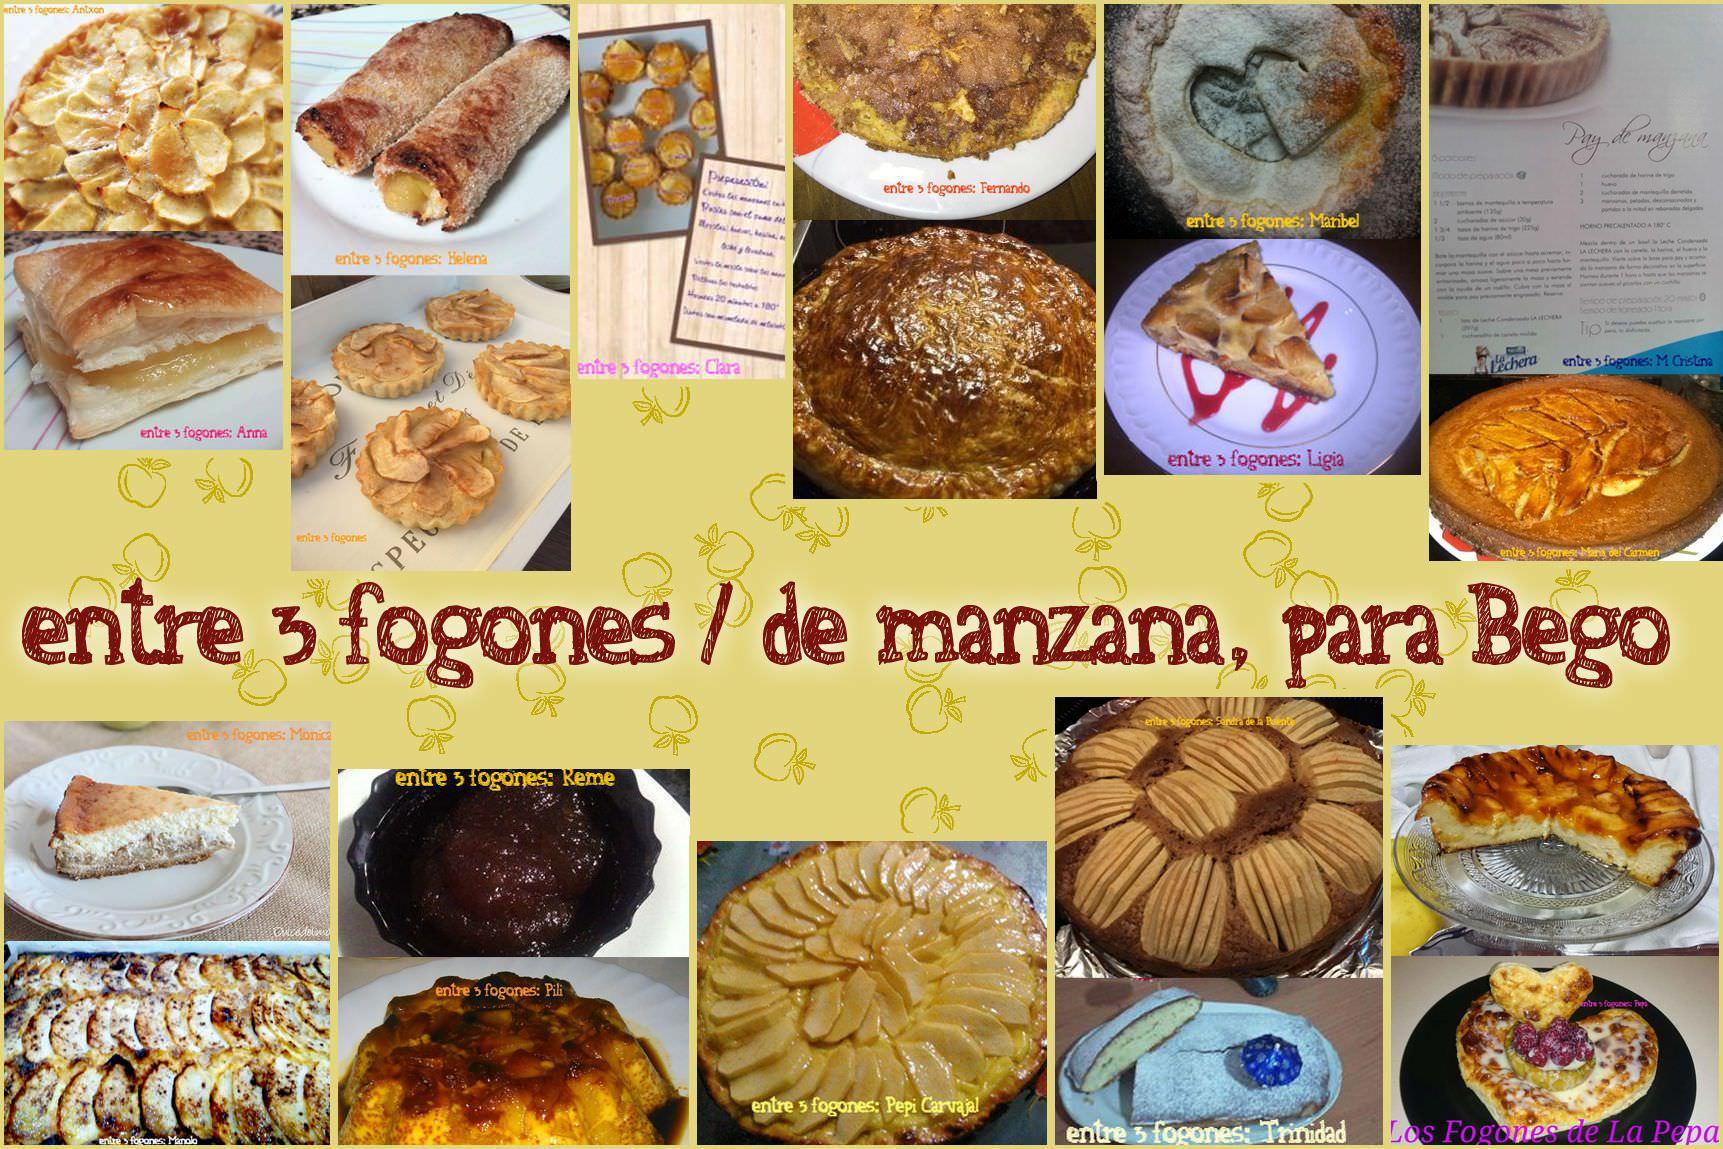 Photo of De Manzana, para Bego